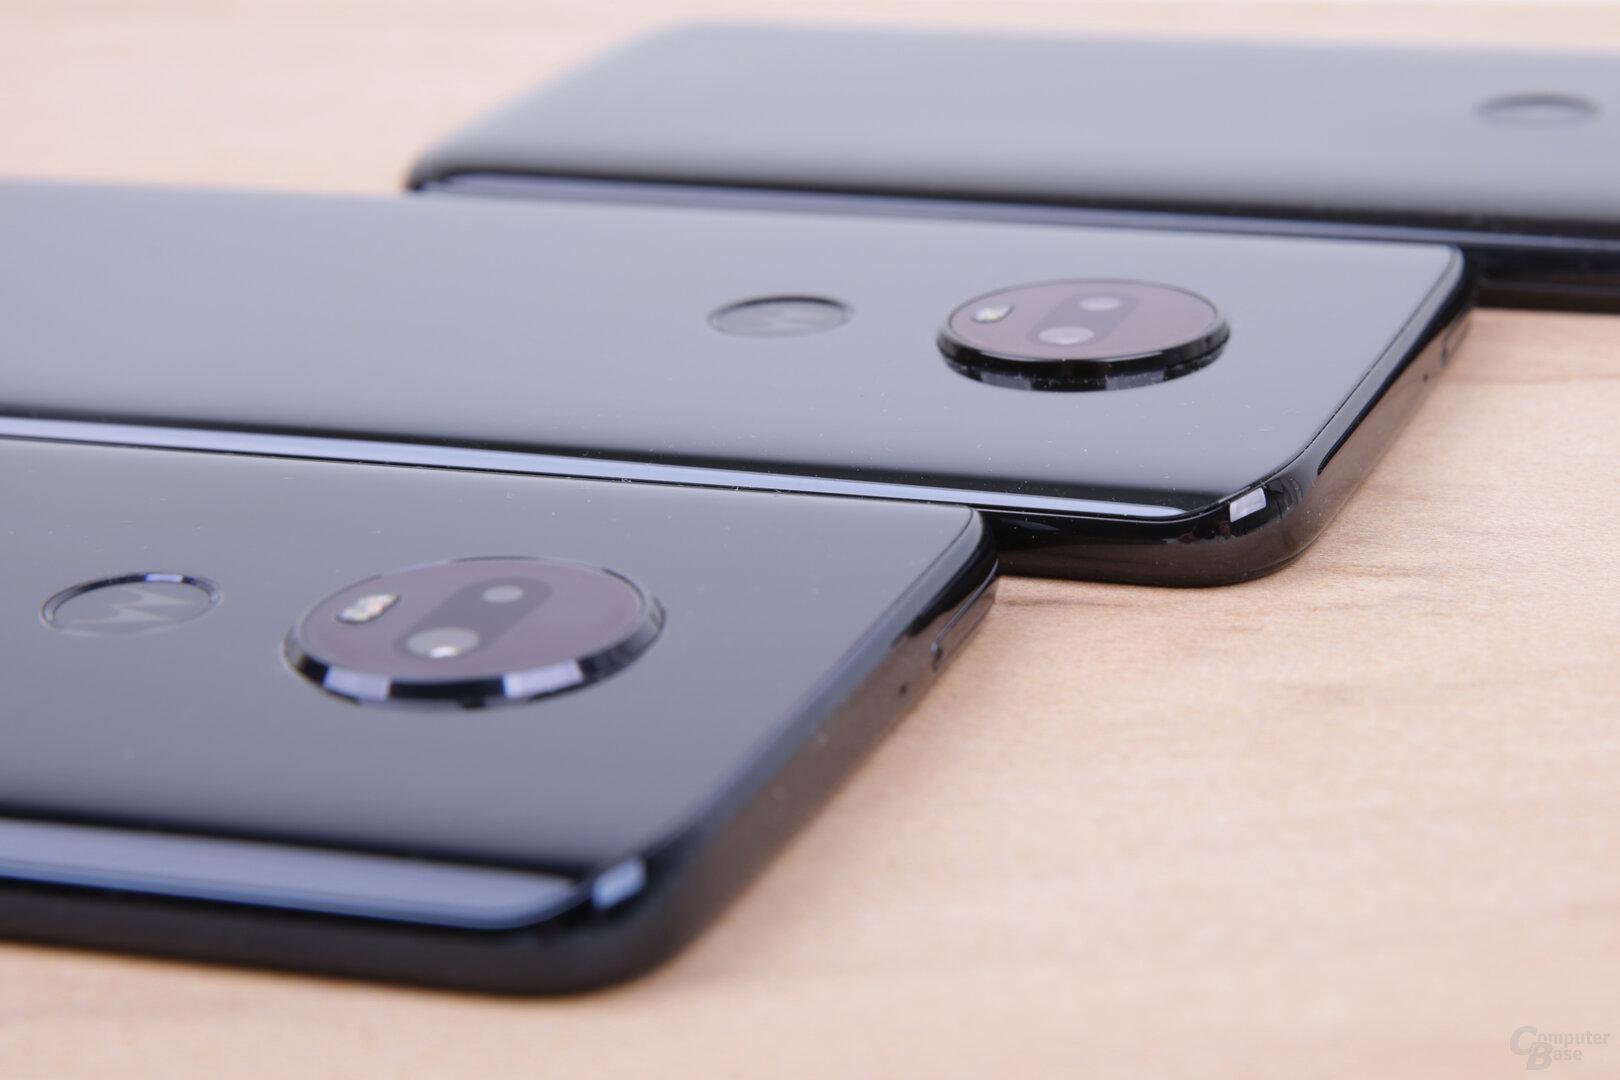 Die Kameras des Moto G7 und Moto G7 Plus stehen hervor